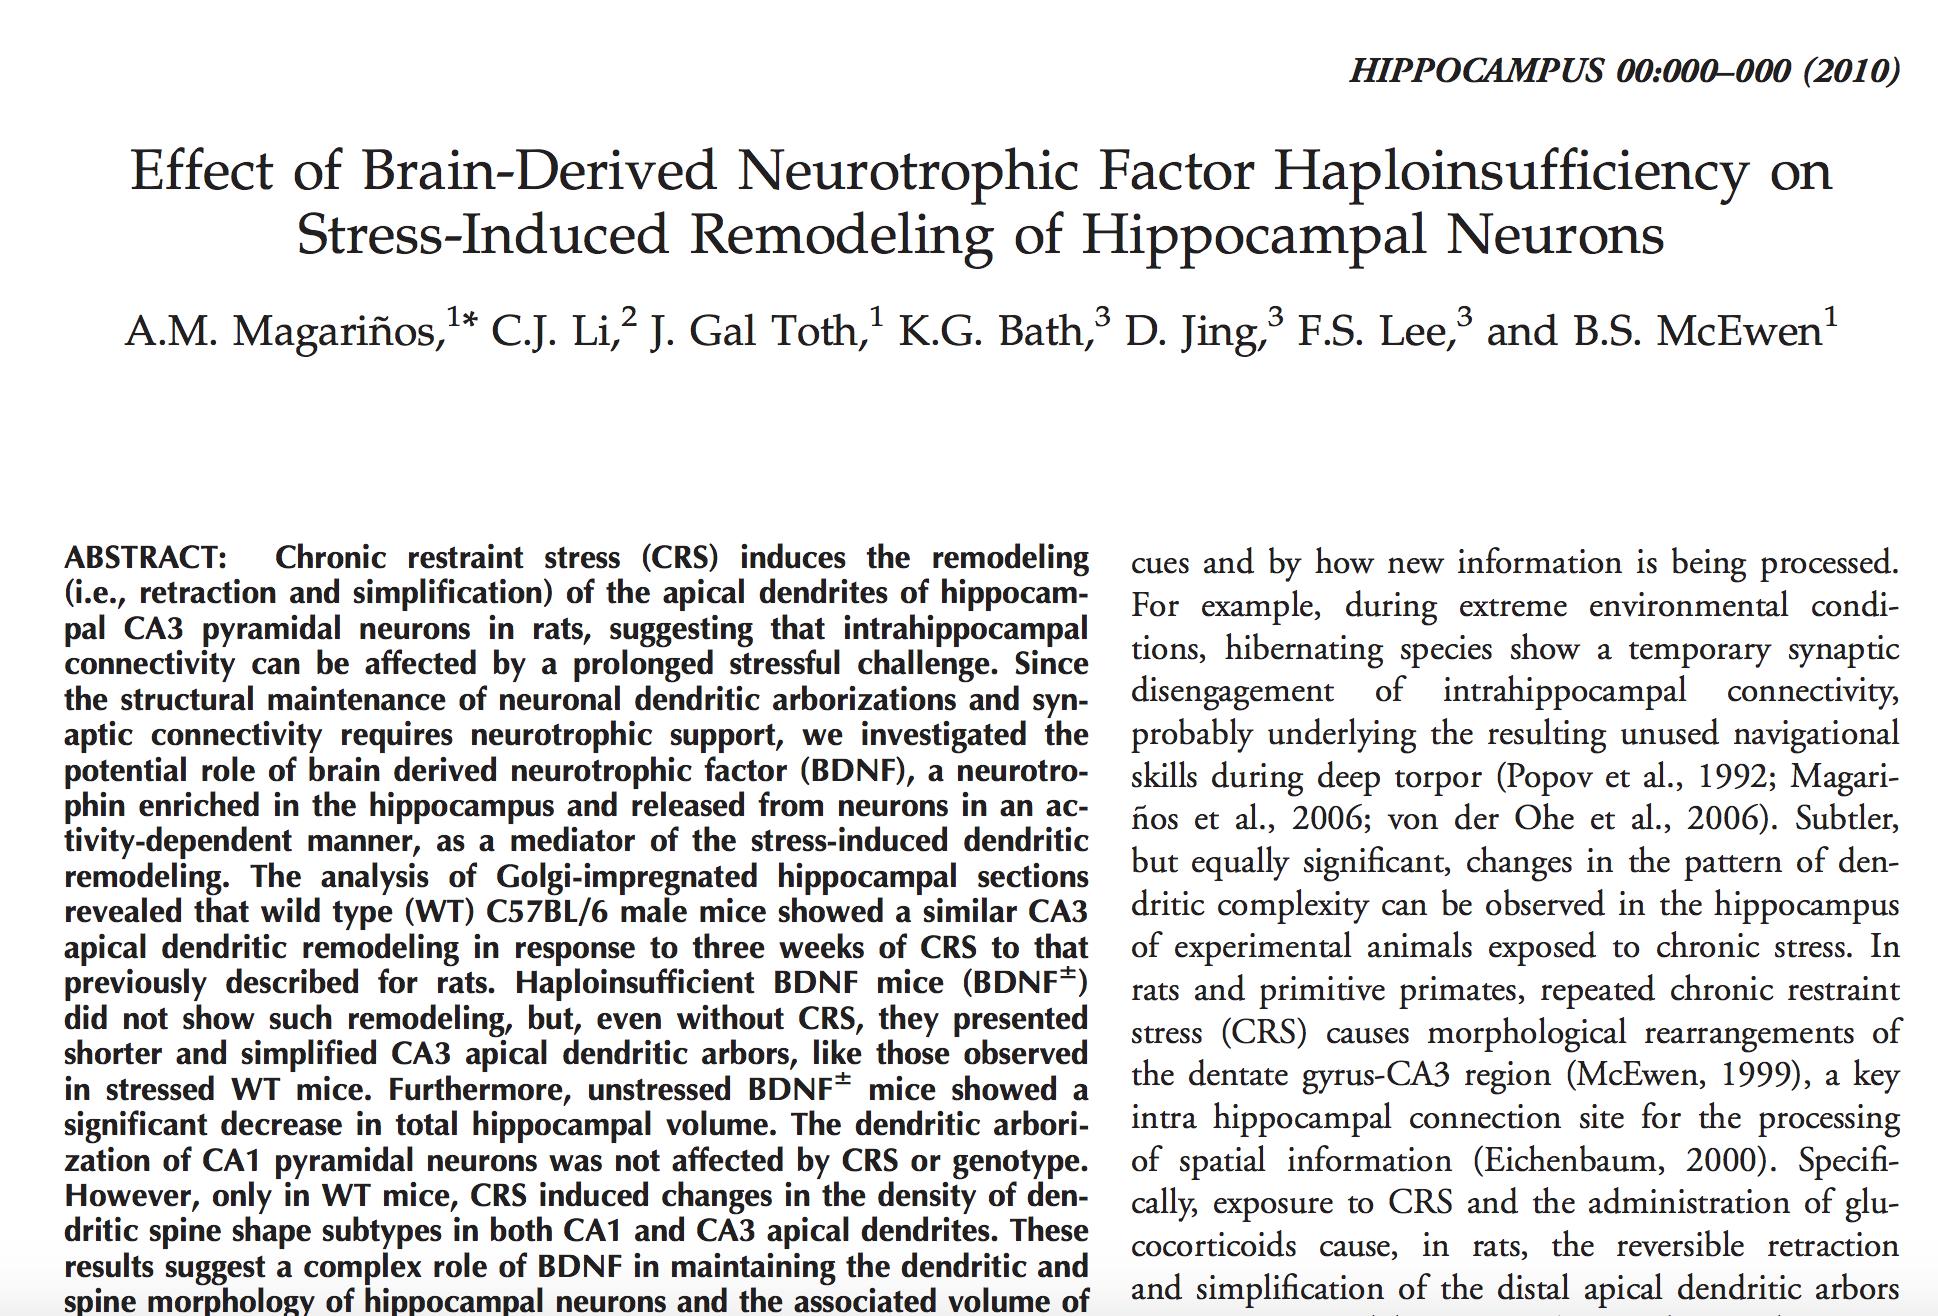 Magarinos et al., 2010.     Hippocampus.